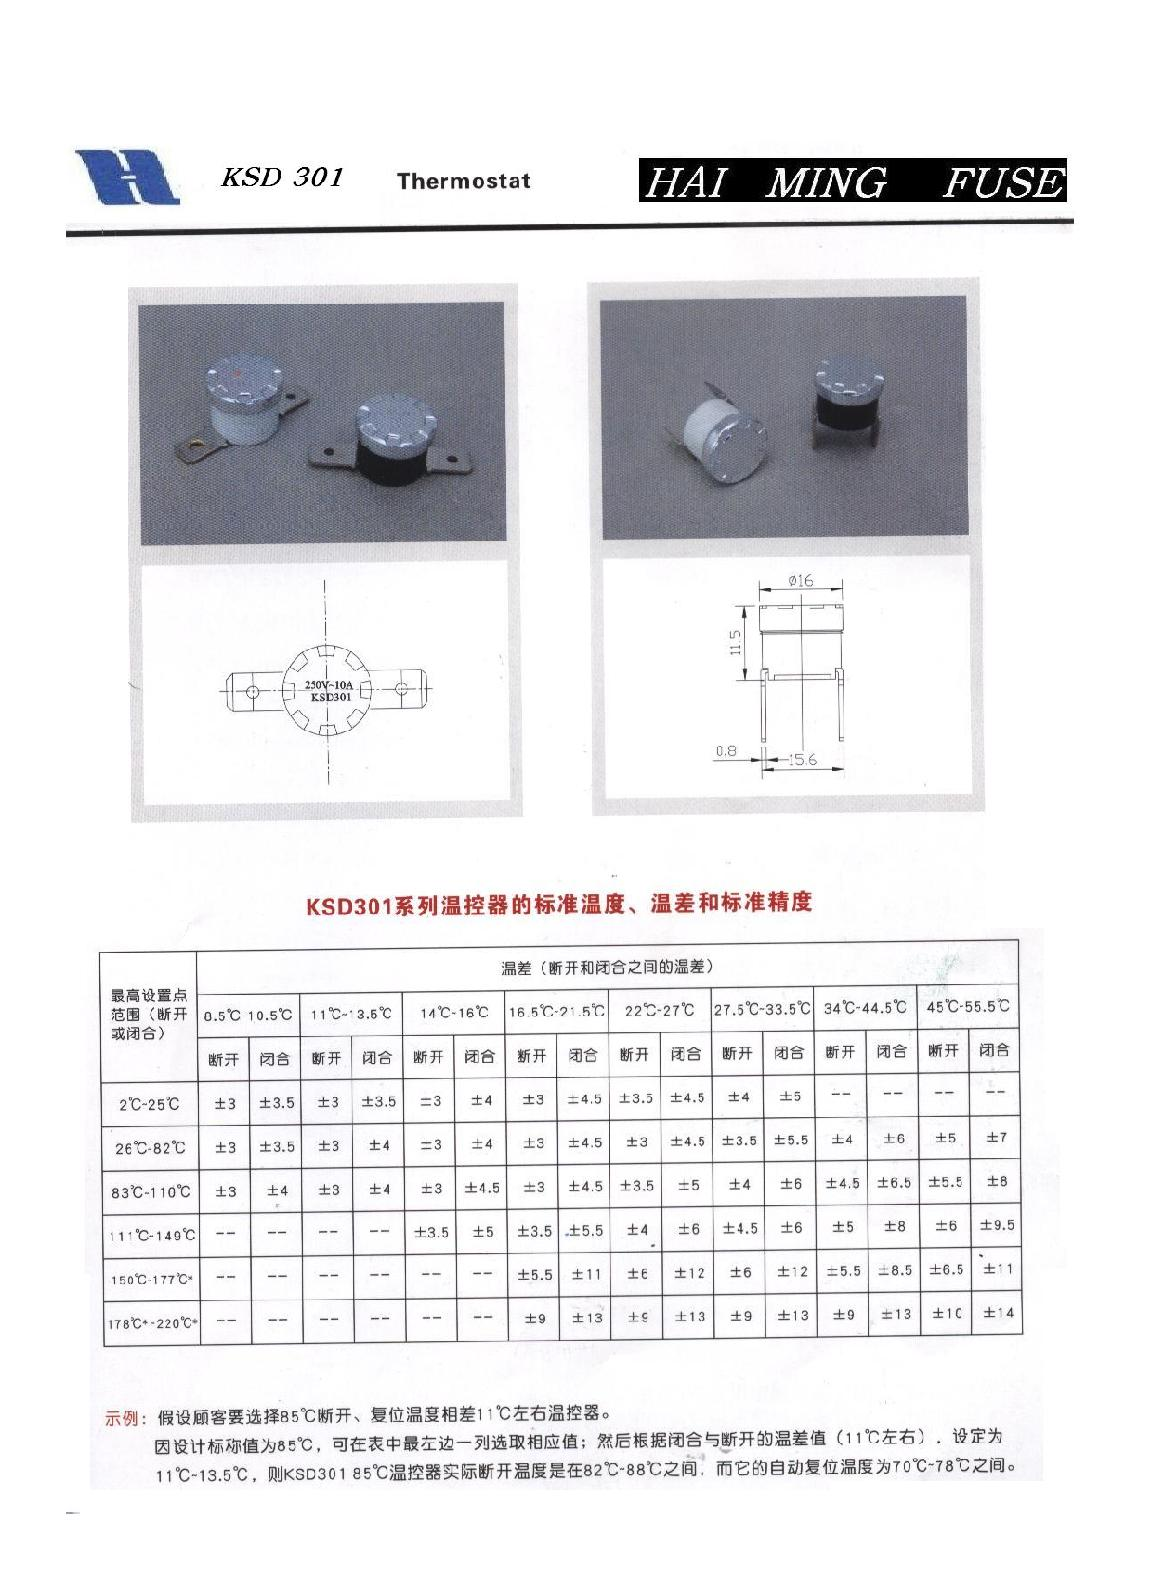 温控器 温度保险丝-深圳市福田区海明电子展销部